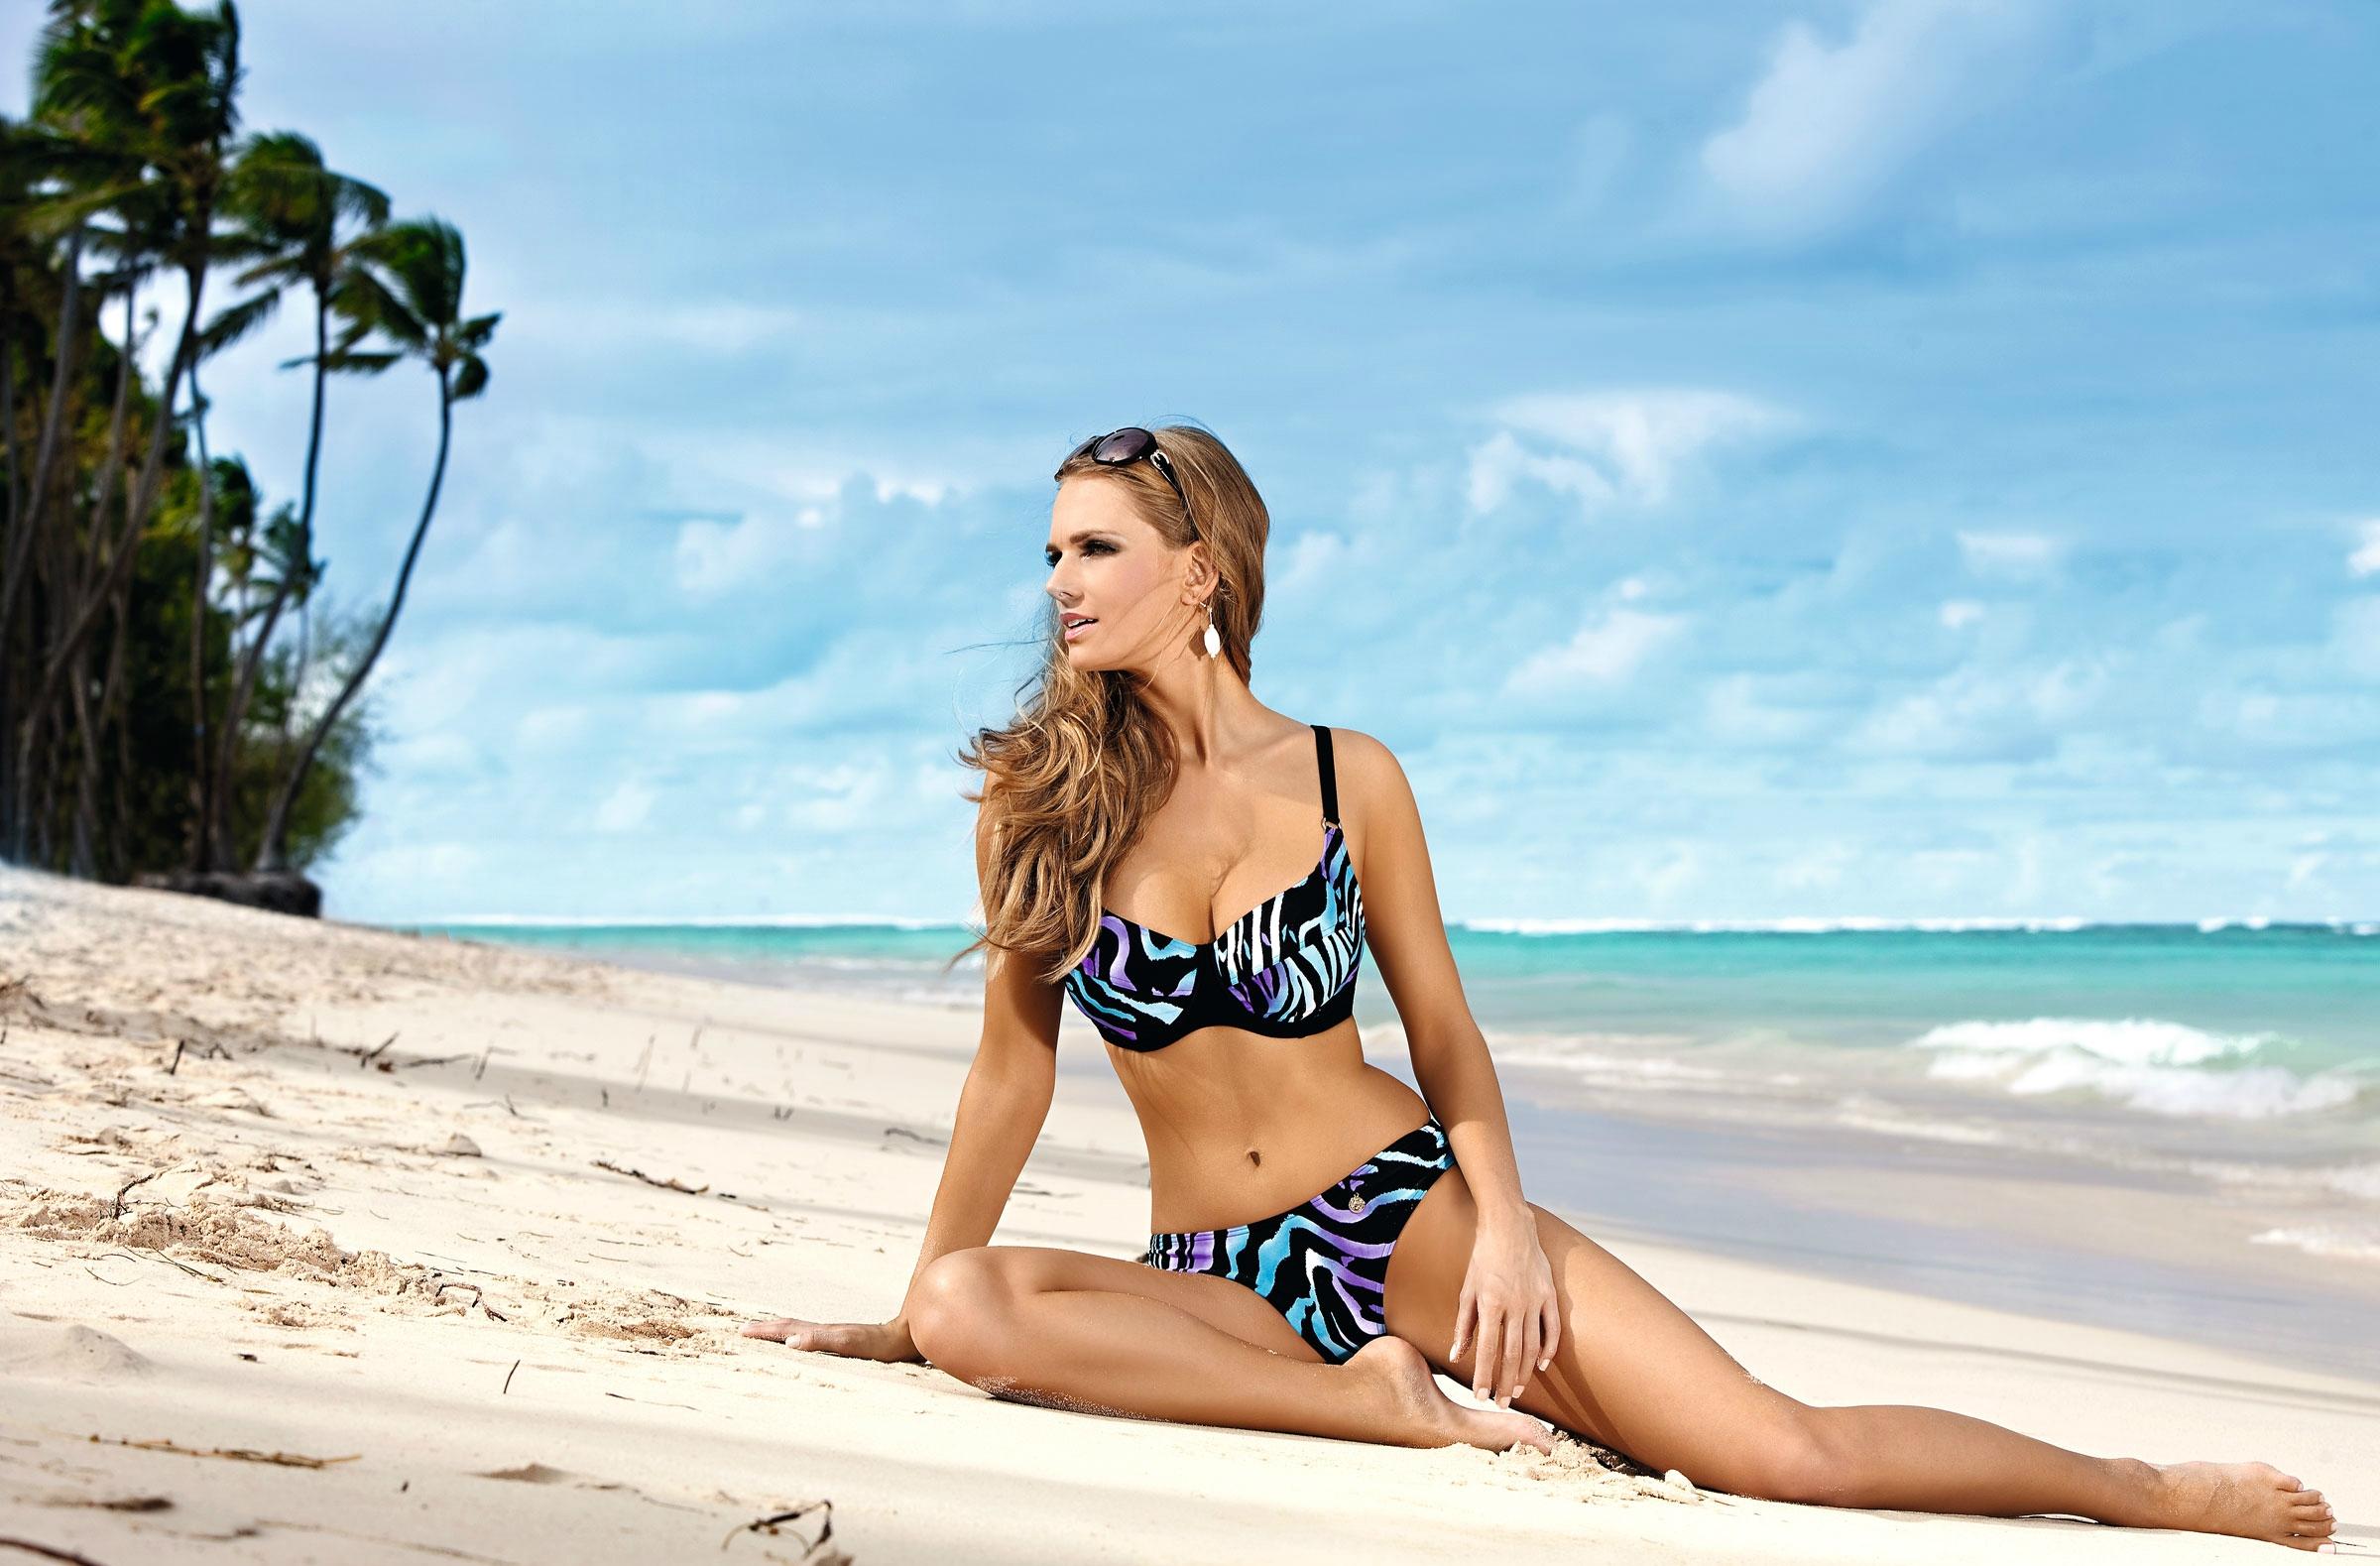 Bikini in wallpaper woman